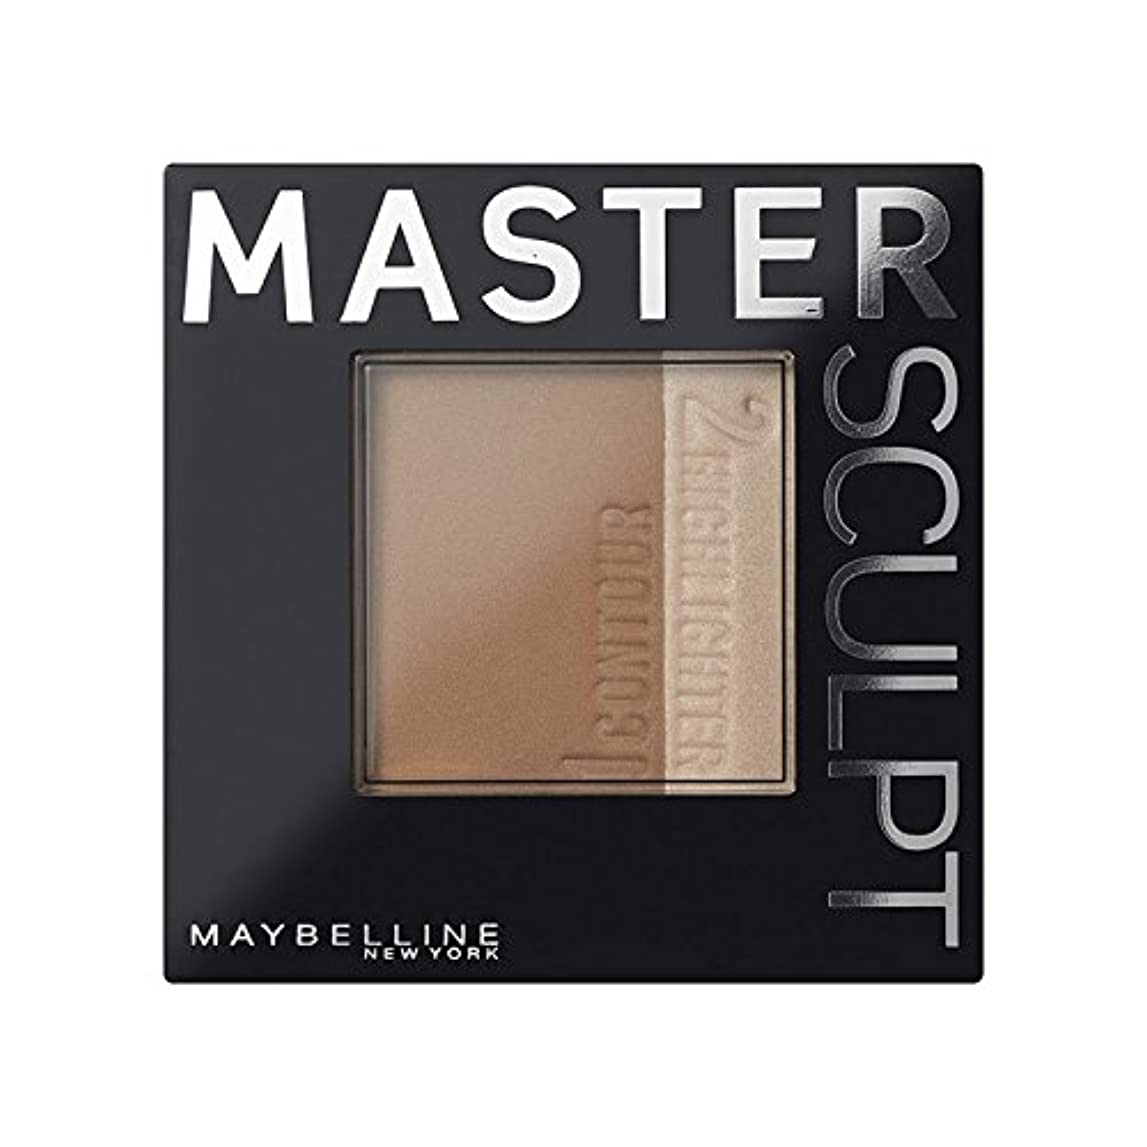 抜粋締め切り敬礼土台01光/ を輪郭メイベリンマスタースカルプト x2 - Maybelline Master Sculpt Contouring Foundation 01 Light/Med (Pack of 2) [並行輸入品]